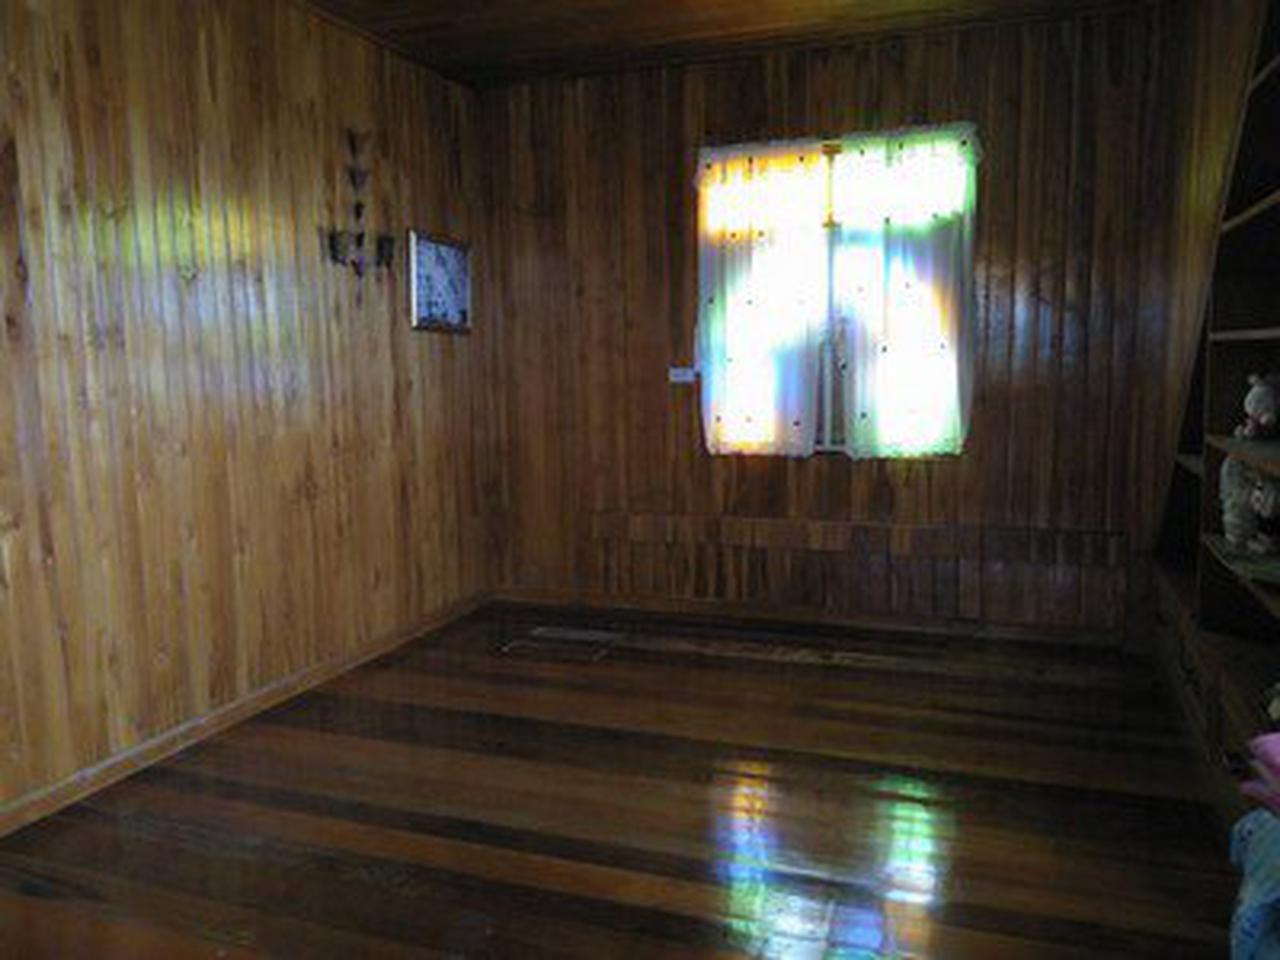 ขายด่วน บ้านเดี่ยว 2 ชั้น (ไม้ทั้งหลัง )  รูปที่ 4